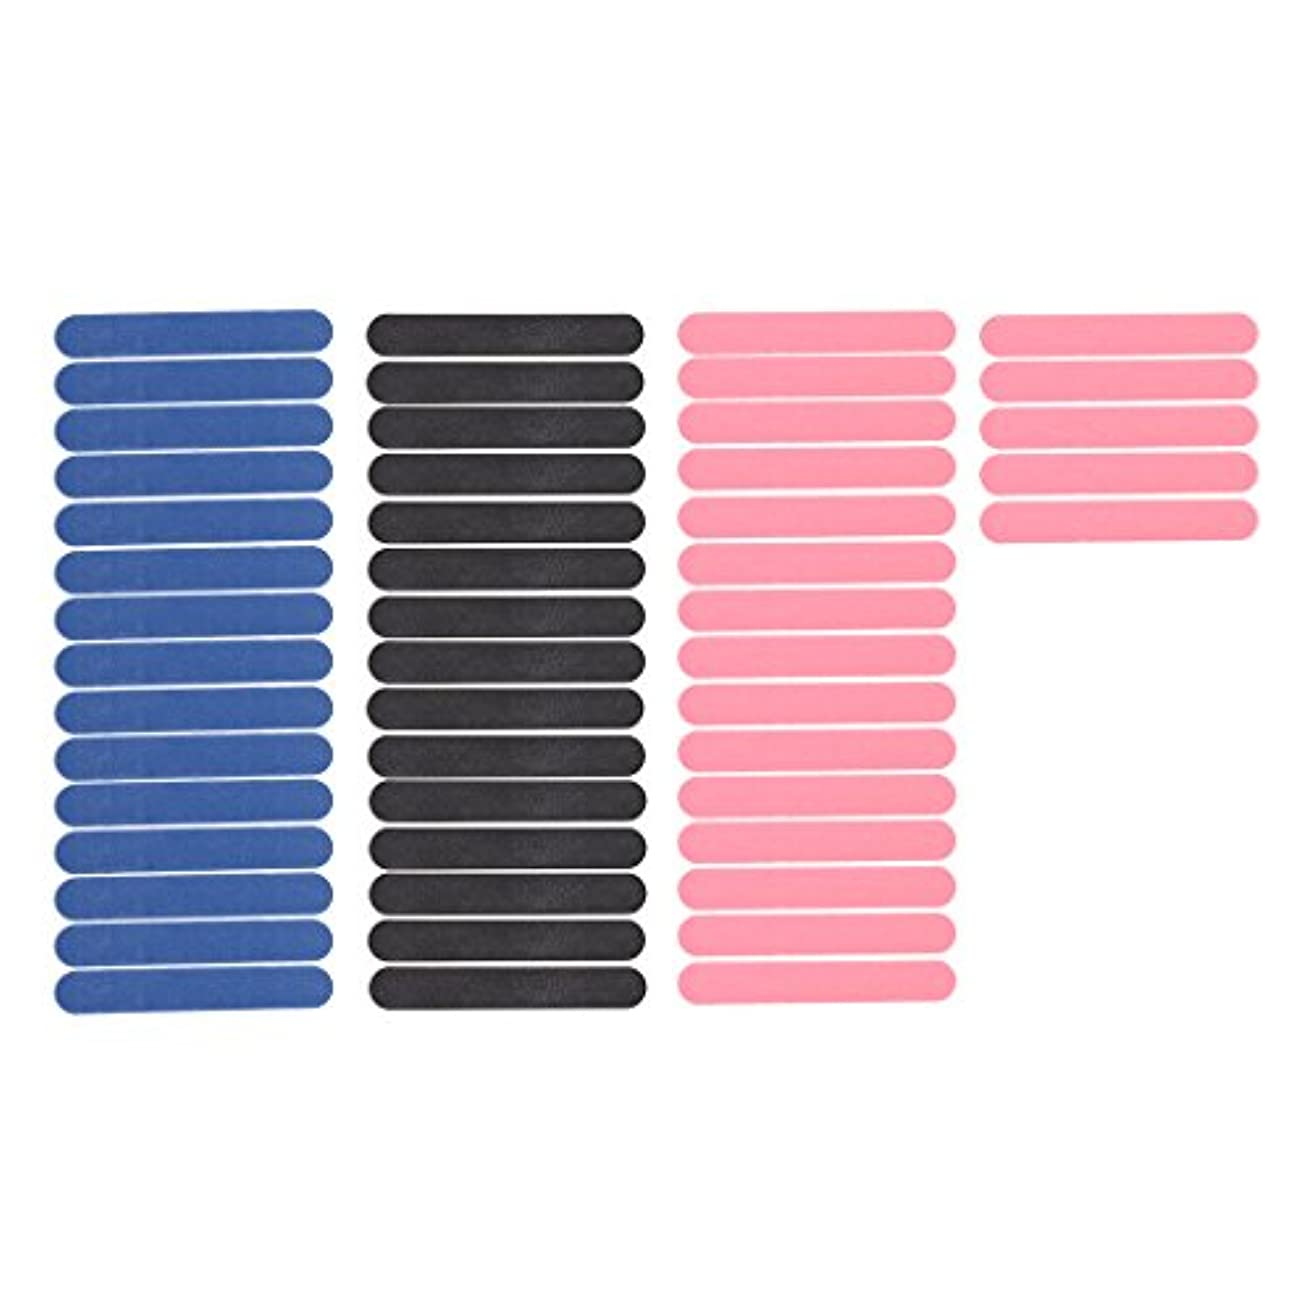 着る論理的に生理KOZEEY 約50個 ネイルファイル ミニ 両面 ネイル ファイル マニキュア プロ ネイルサロン ネイルトリートメント サンドペーパー ネイル道具